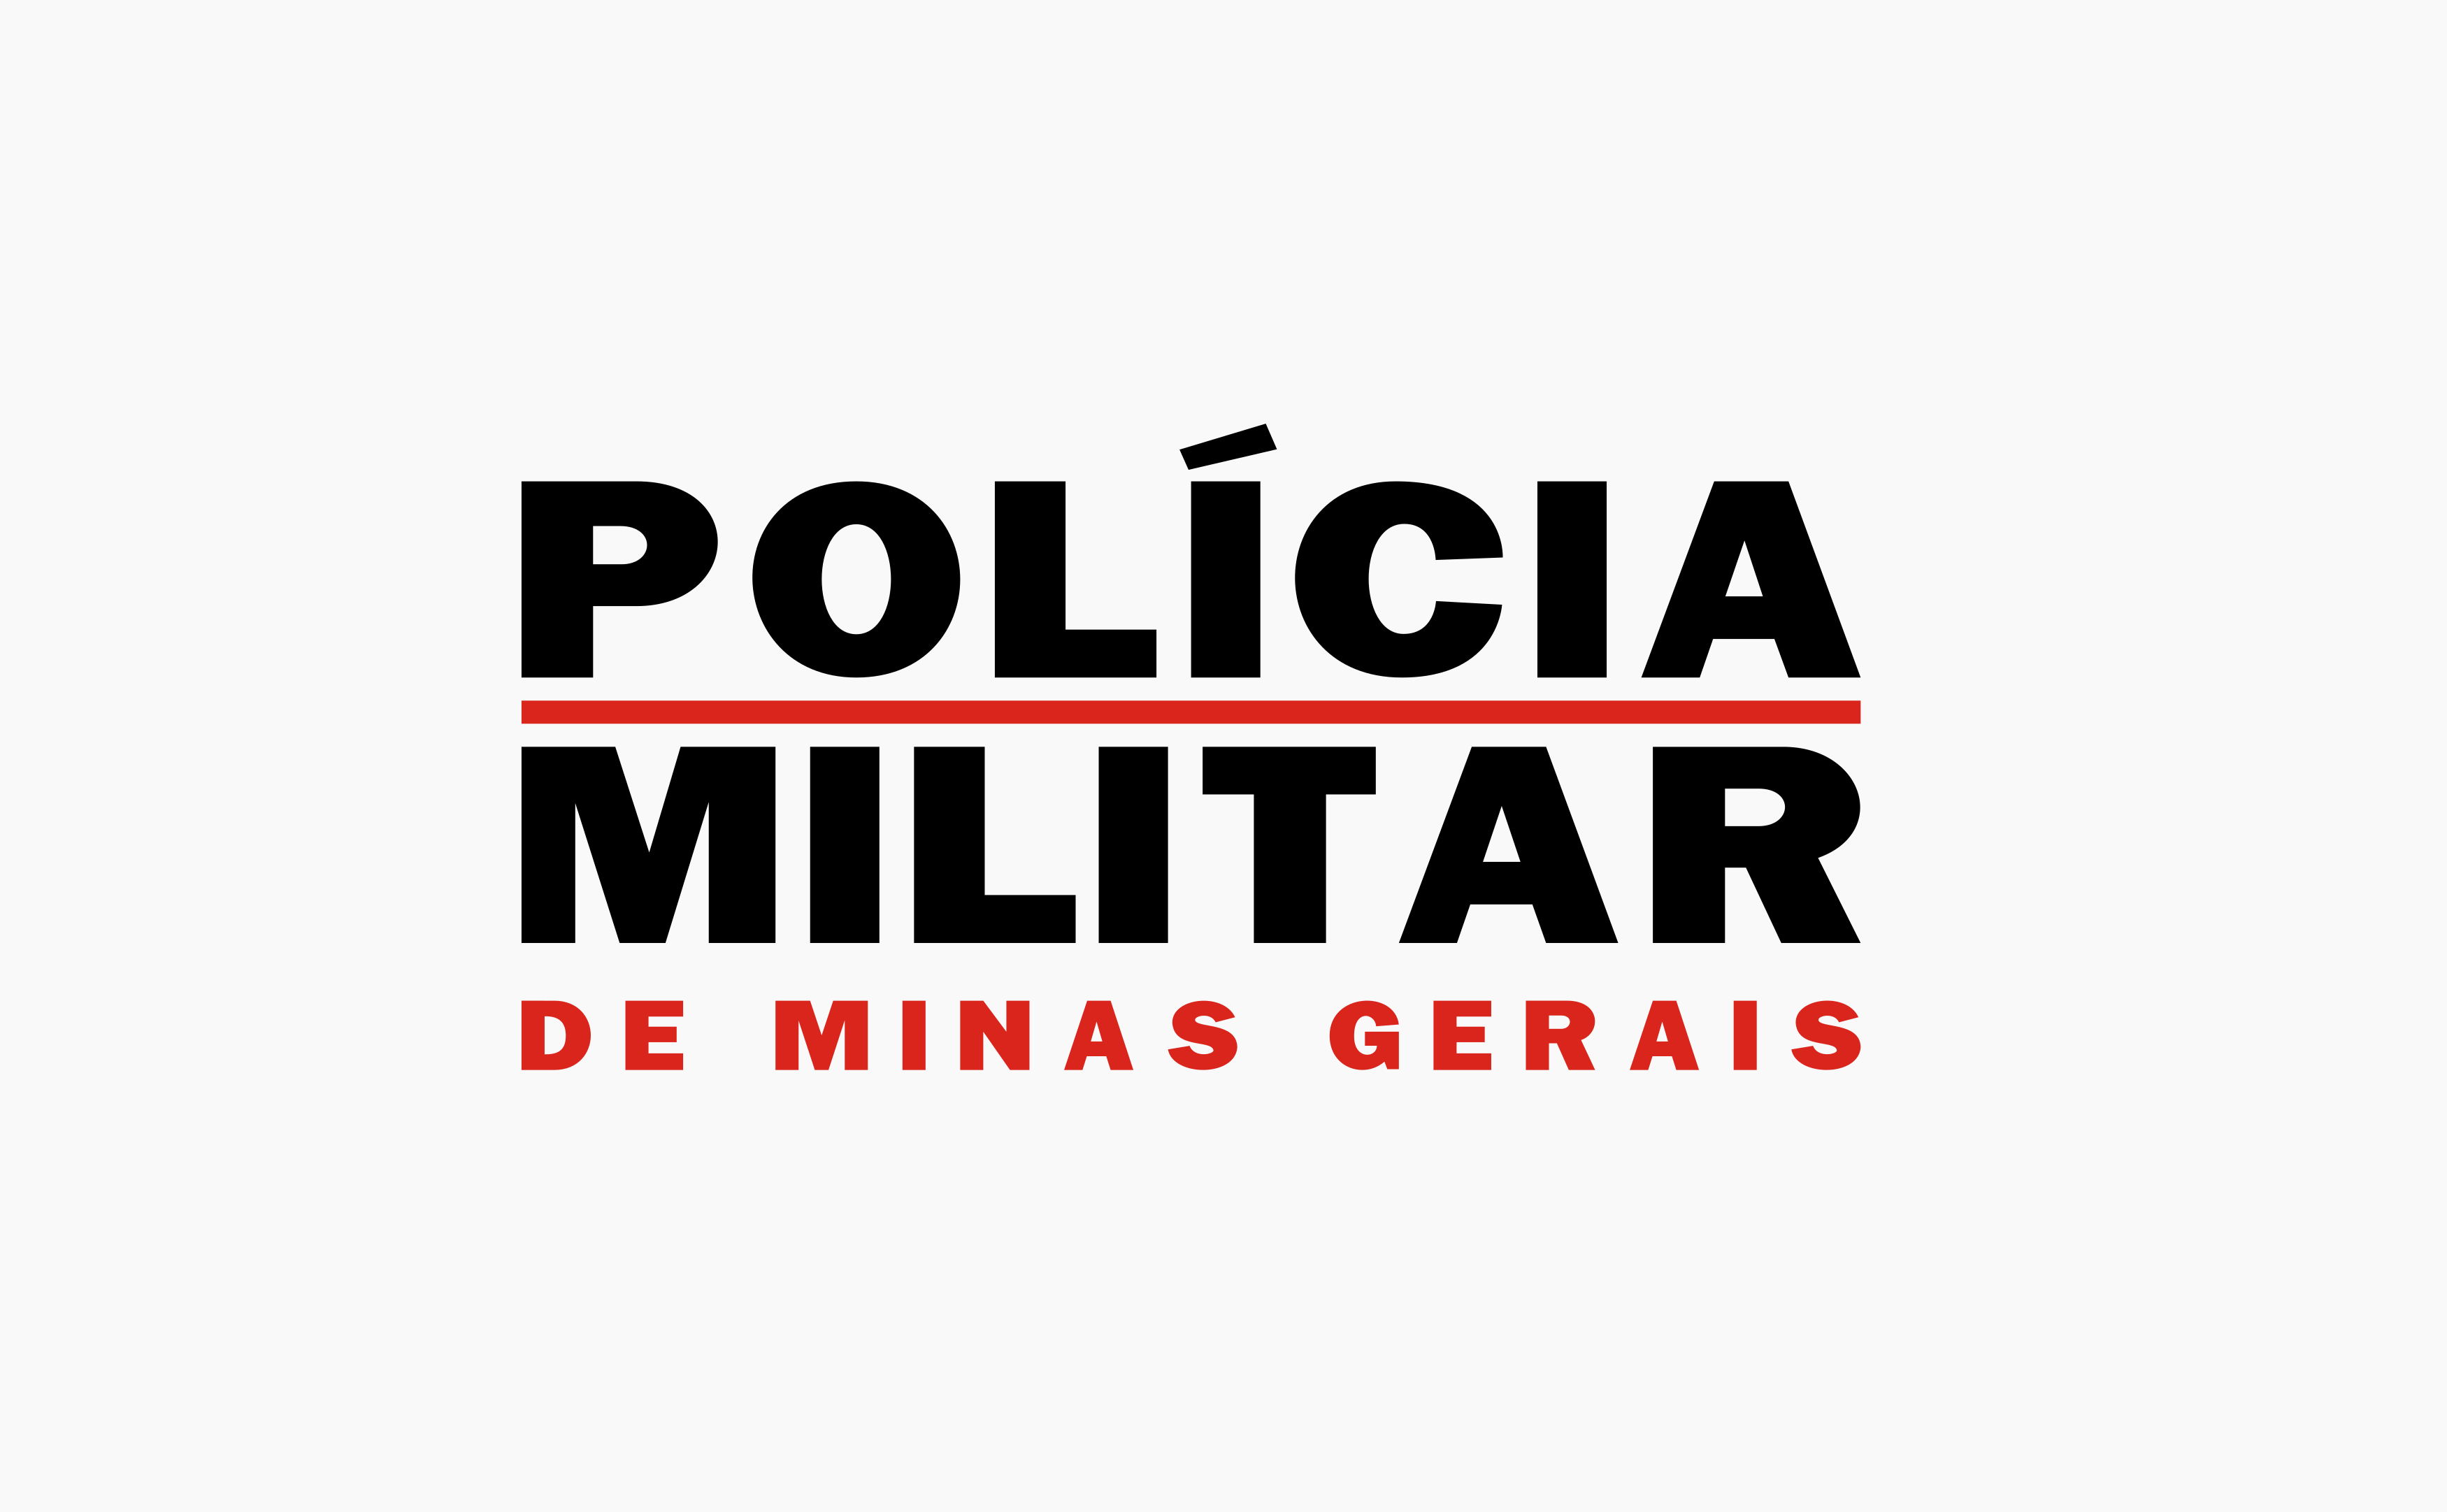 policia militar mg logo 0 - Policia Militar de Minas Gerais Logo - PM MG Logo